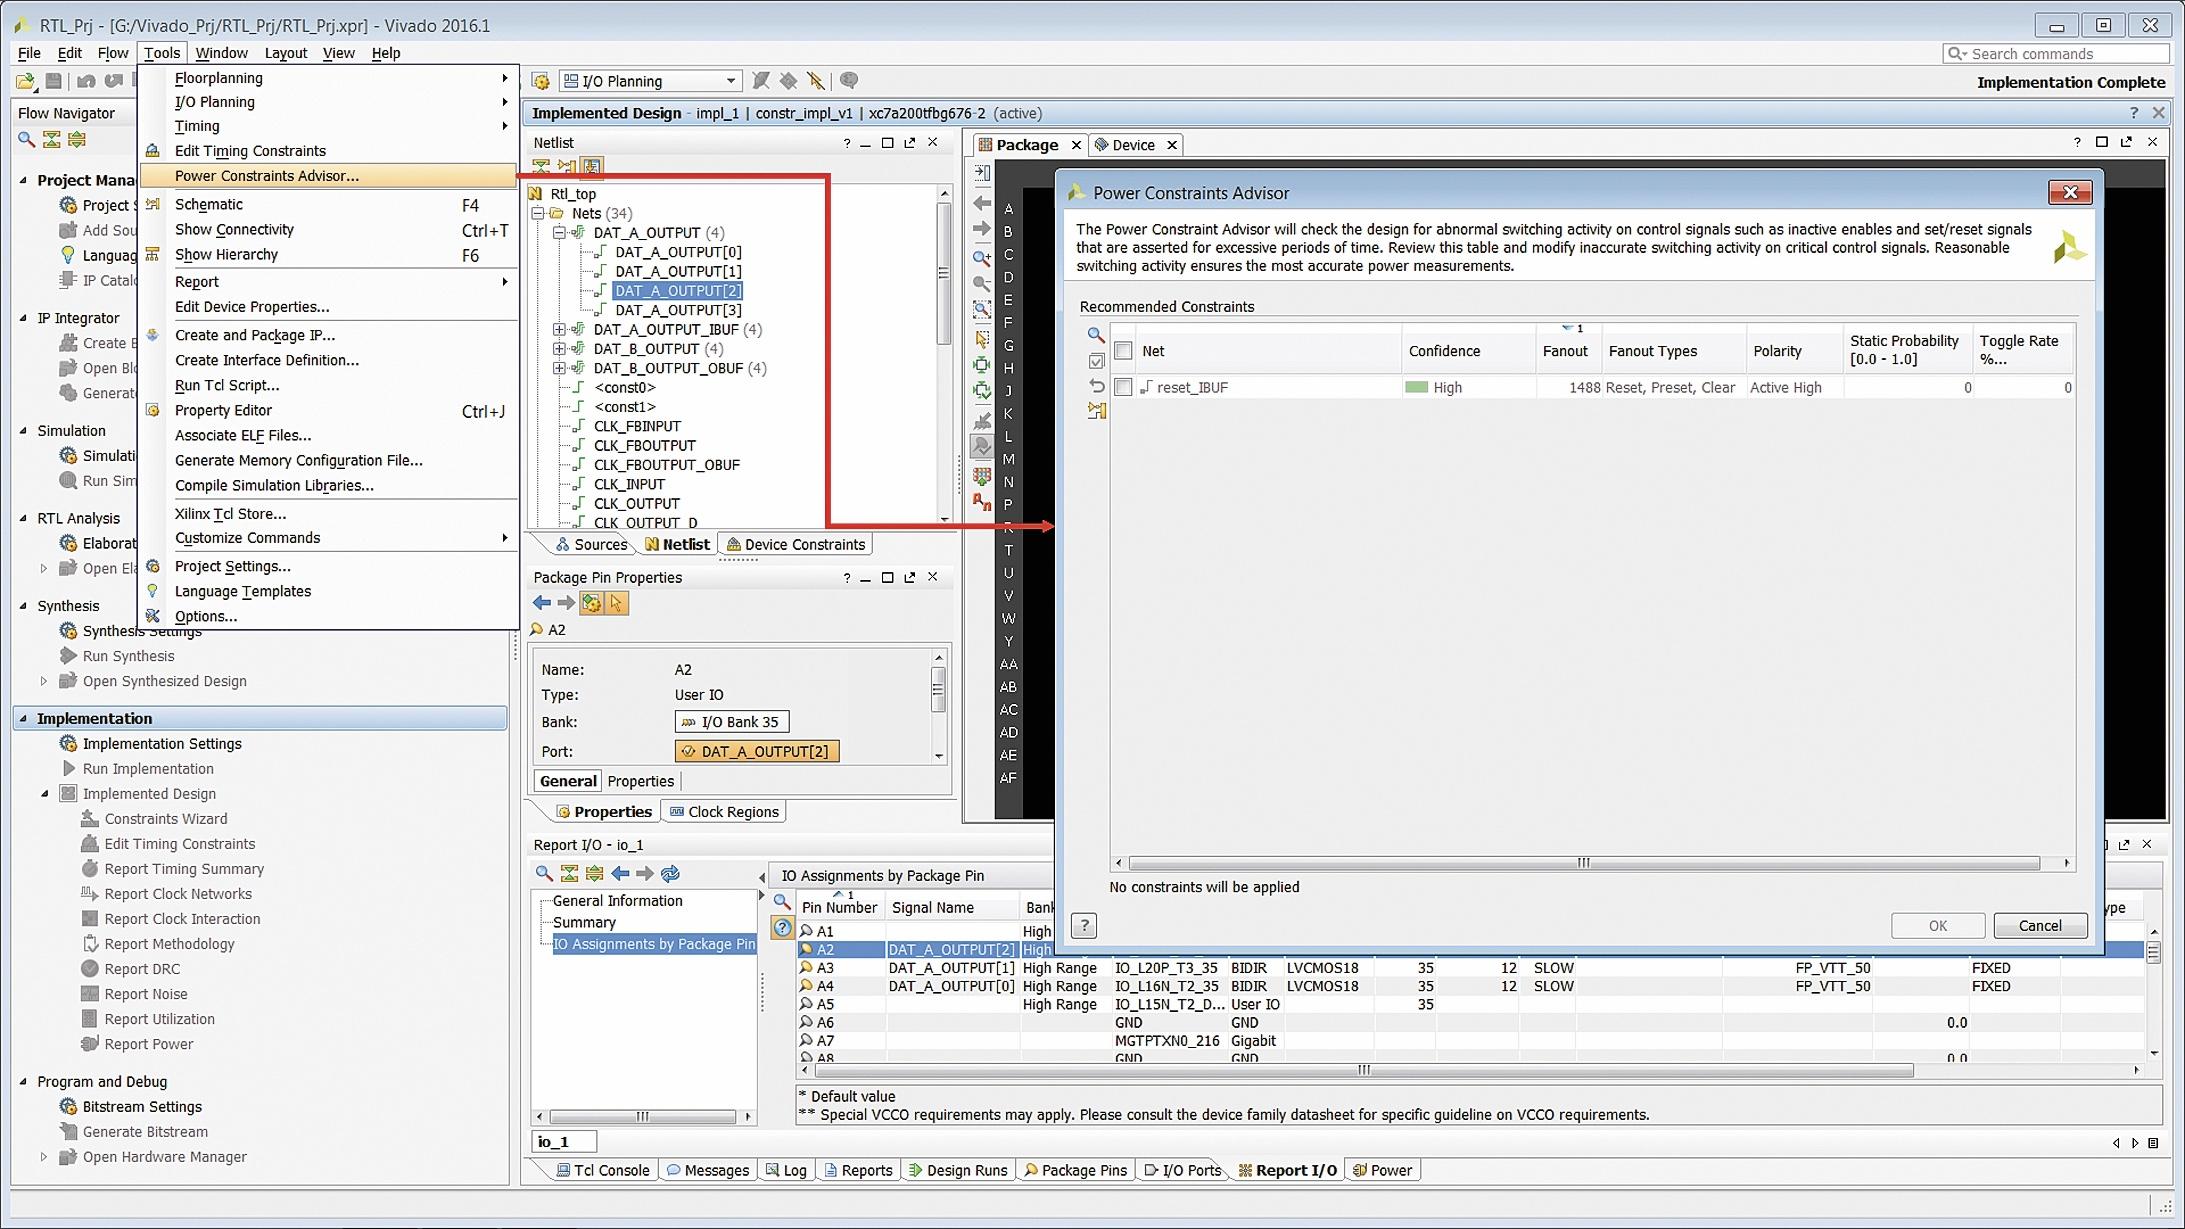 Активизация средств анализа переключений управляющих сигналов проектируемого устройства Power Constraint Advisor